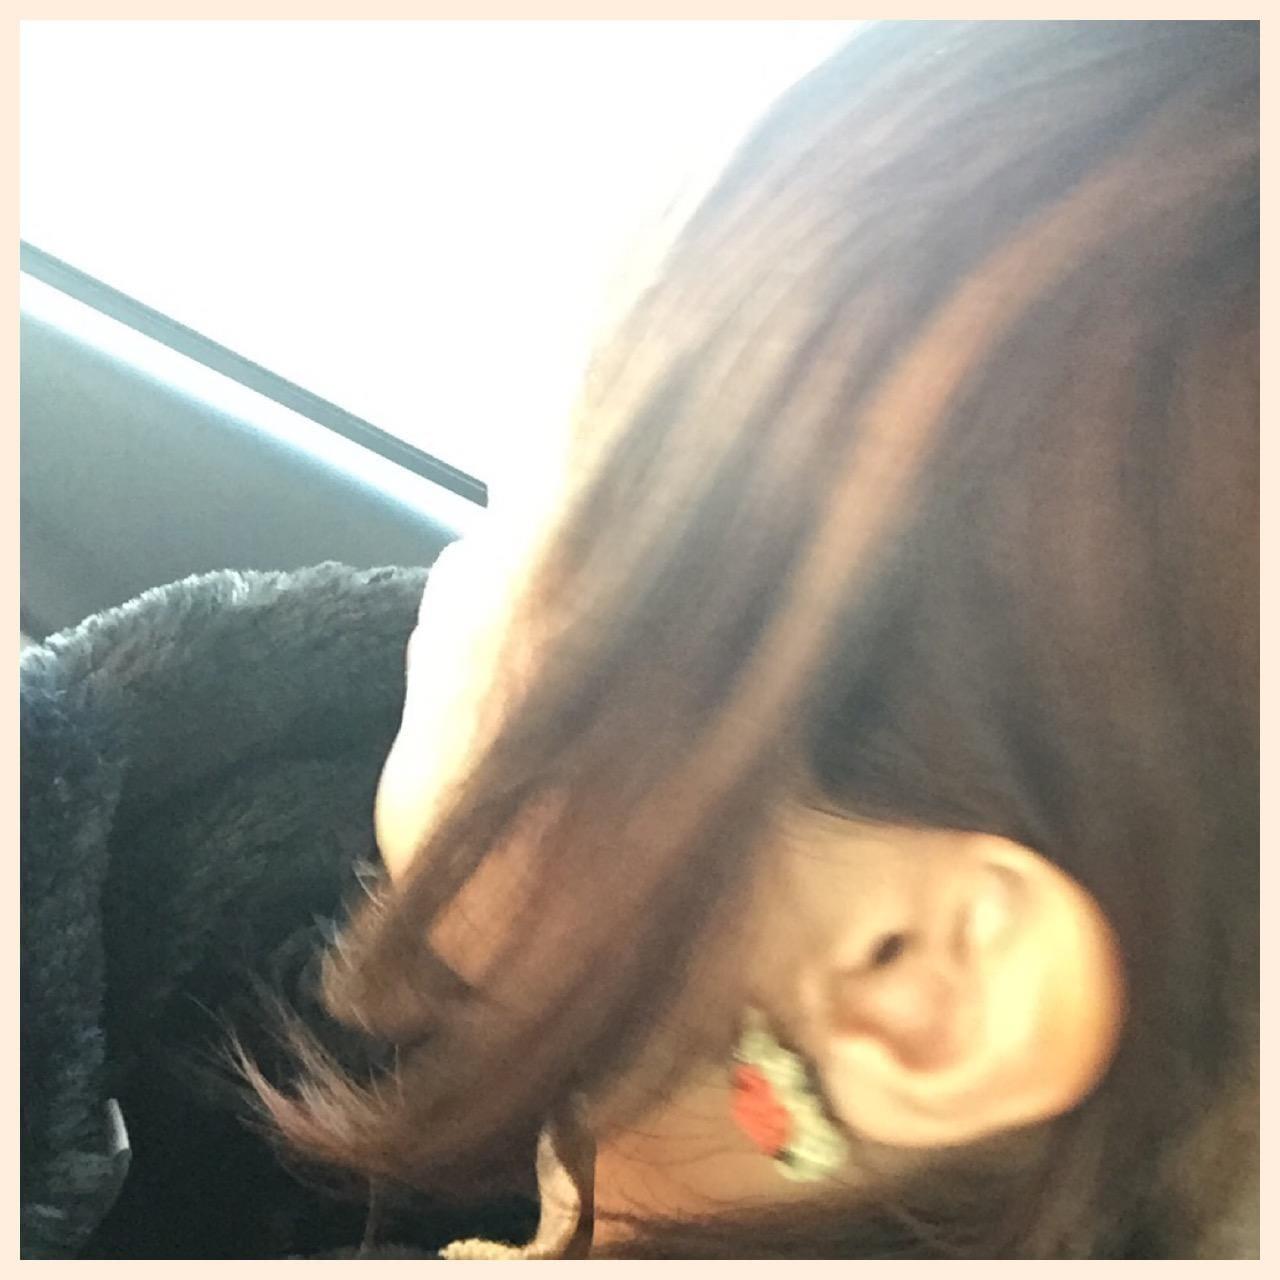 「お疲れ様です(^^)」02/10(02/10) 20:22 | かなの写メ・風俗動画